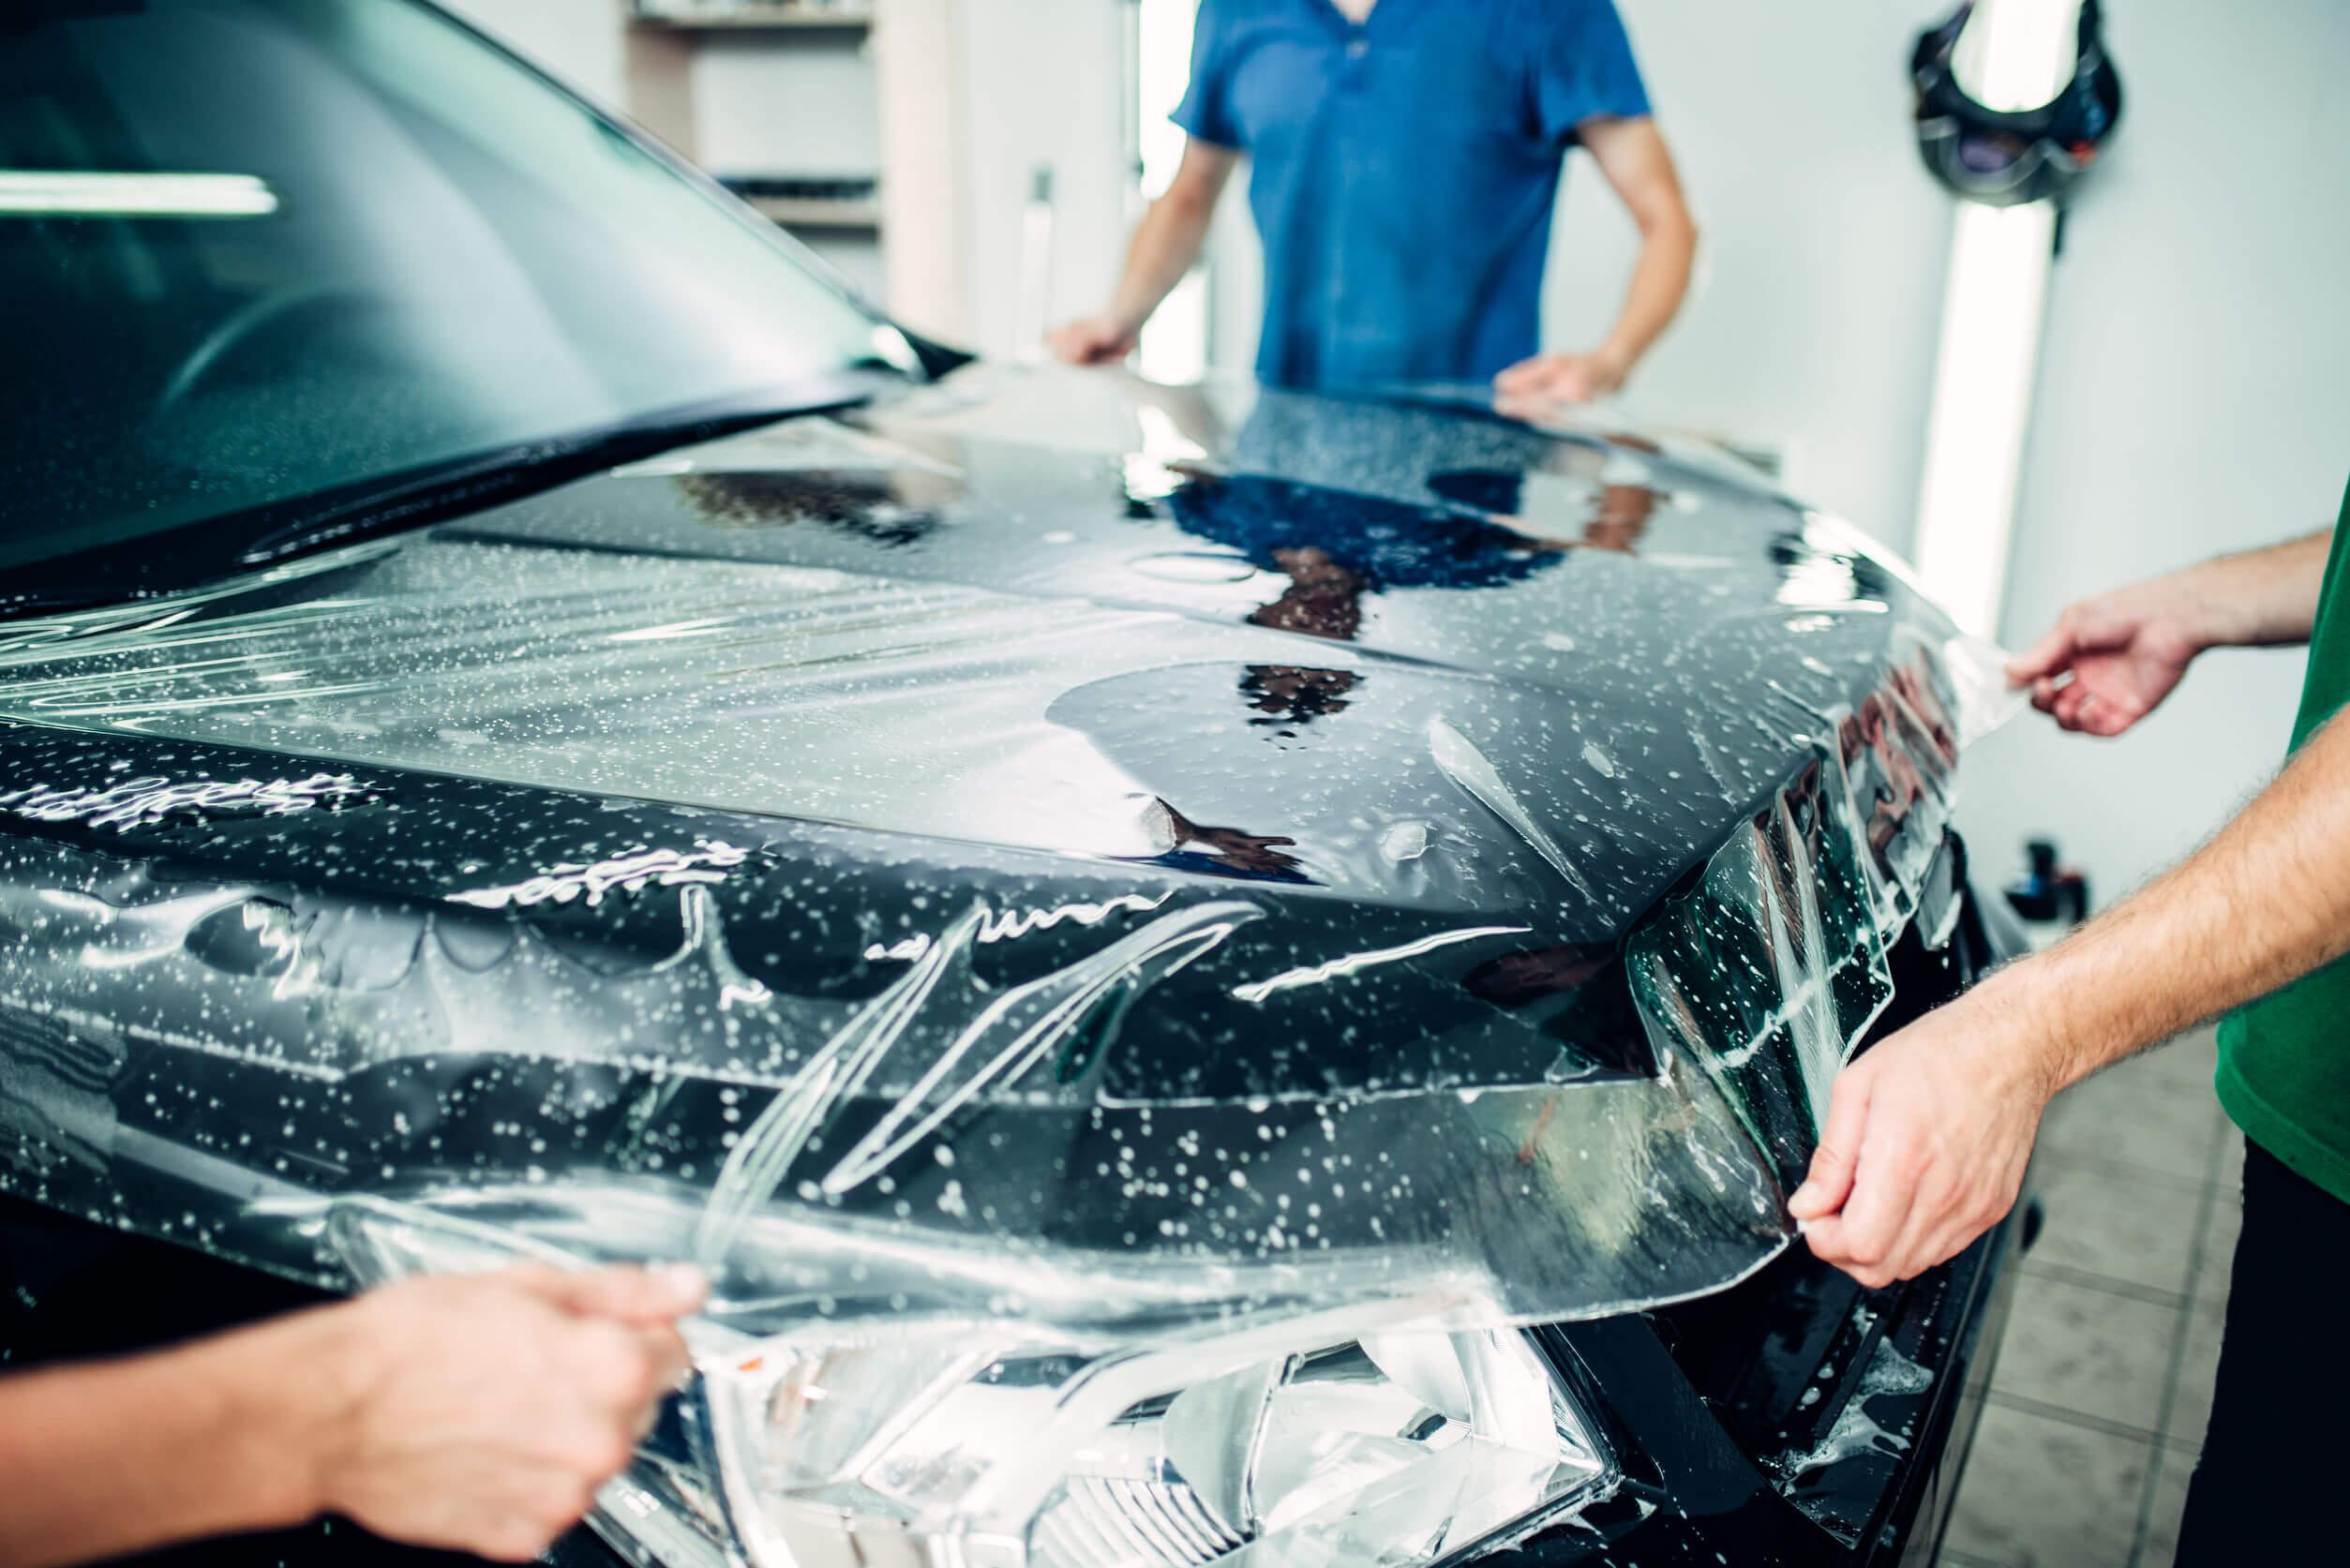 Autódekoráció és fóliázás a hibátlan fényezés érdekében